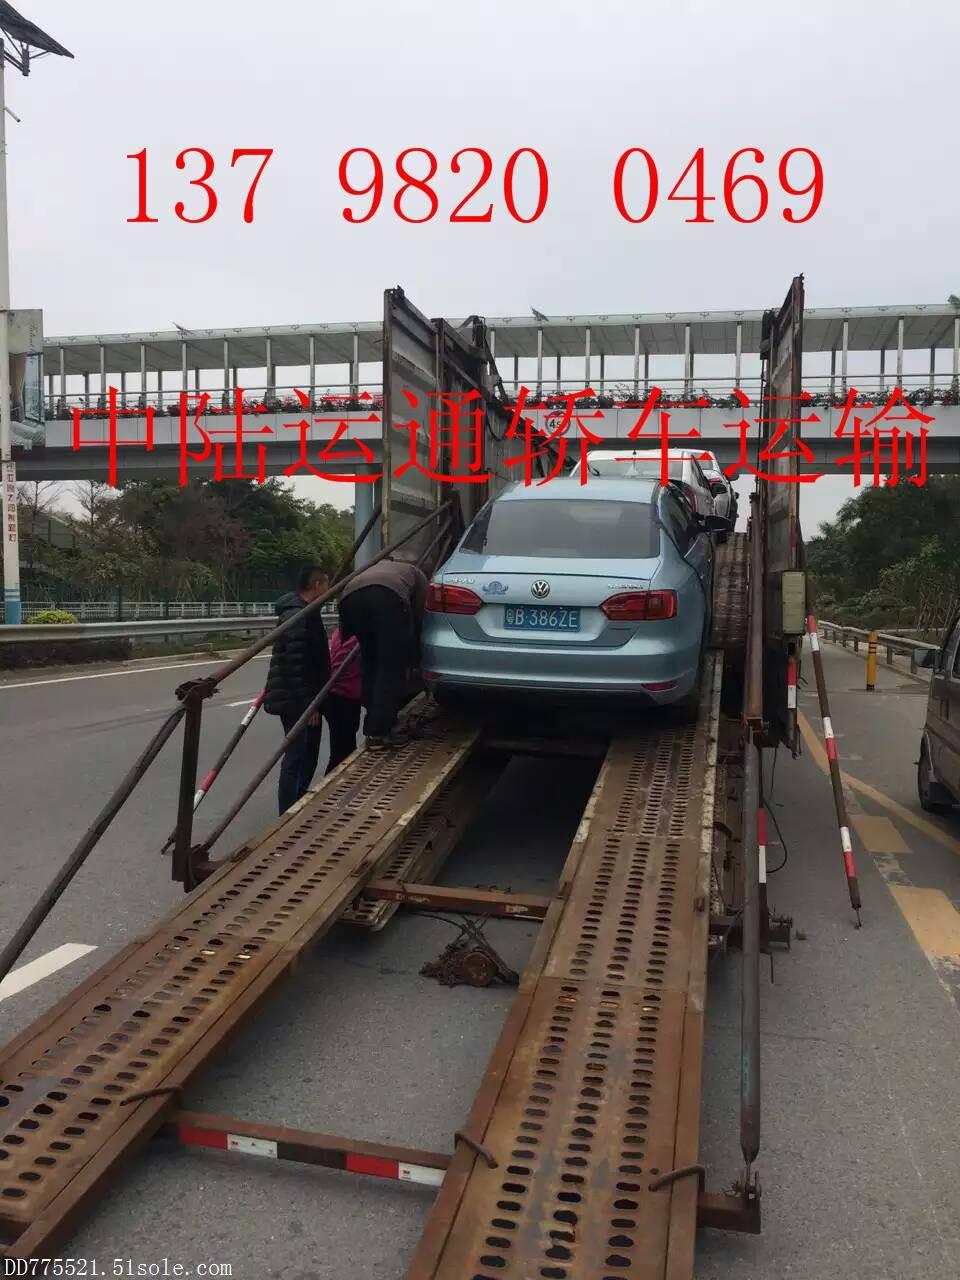 深圳到银川托运一辆轿车,费用多少钱